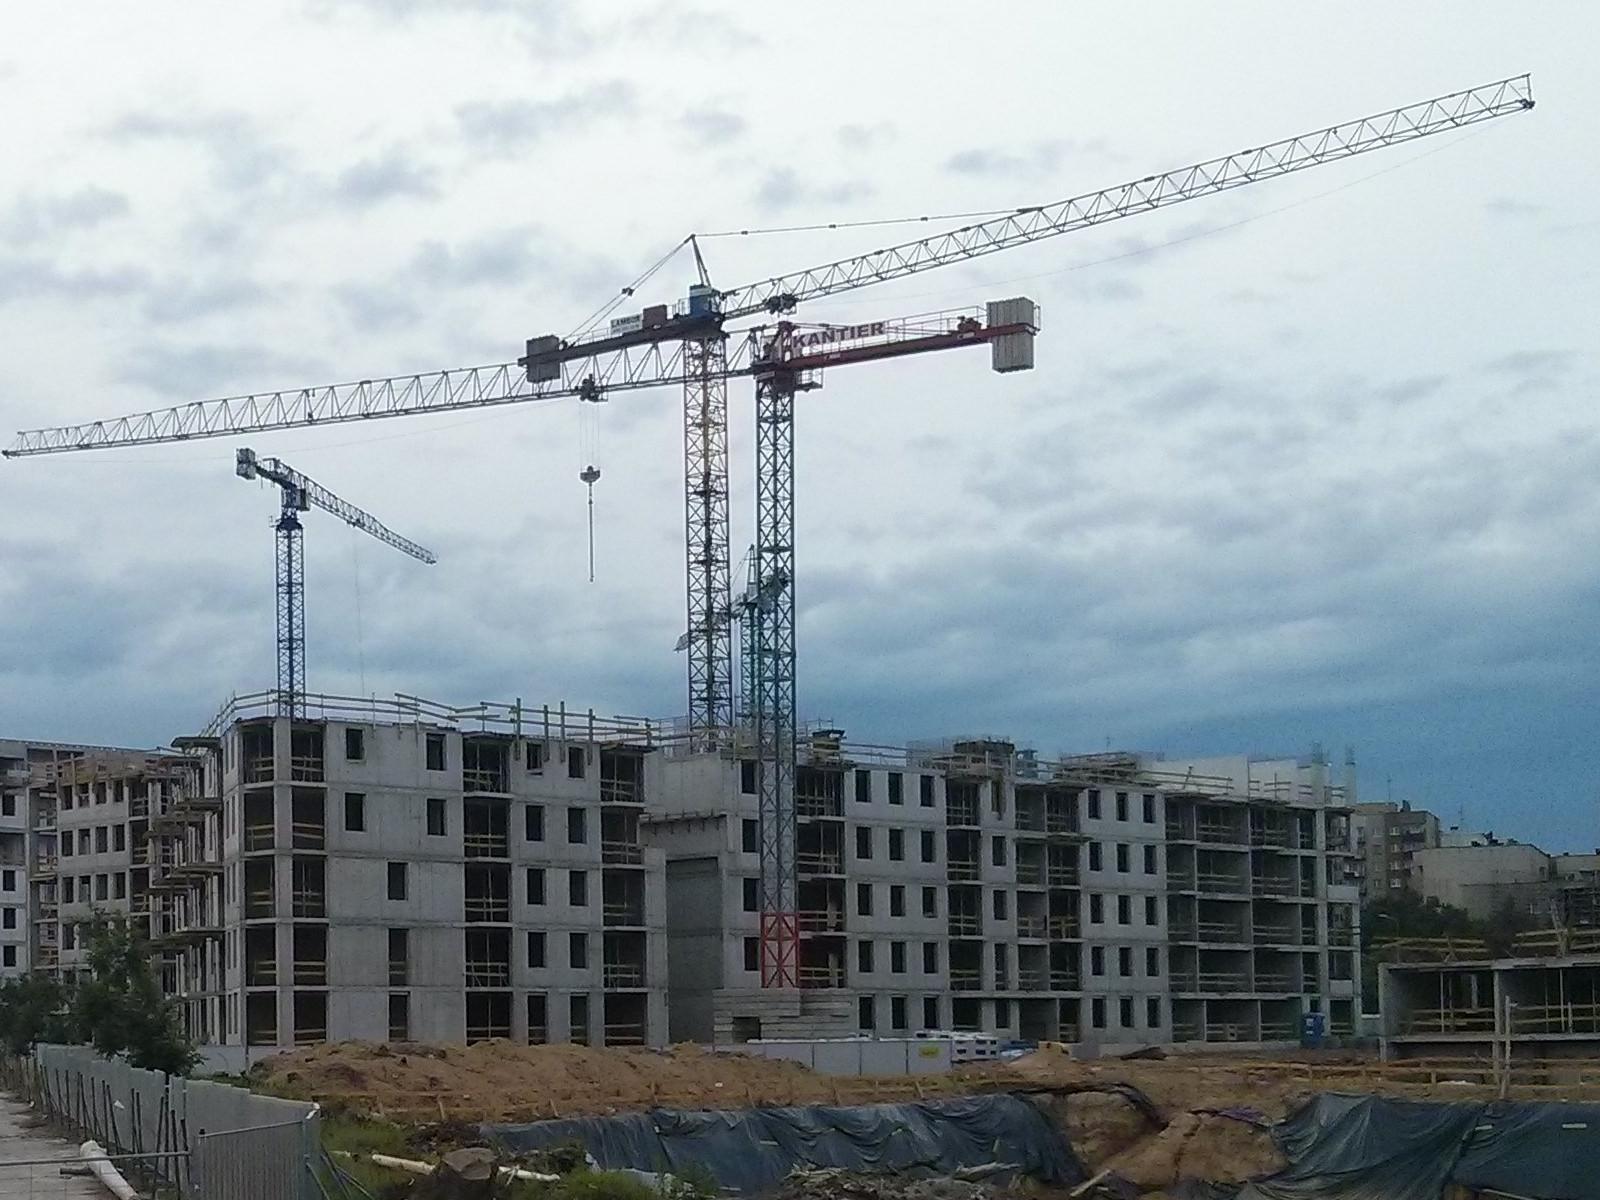 Budowa budynku Orlińskiego 6 widziana od strony południowej